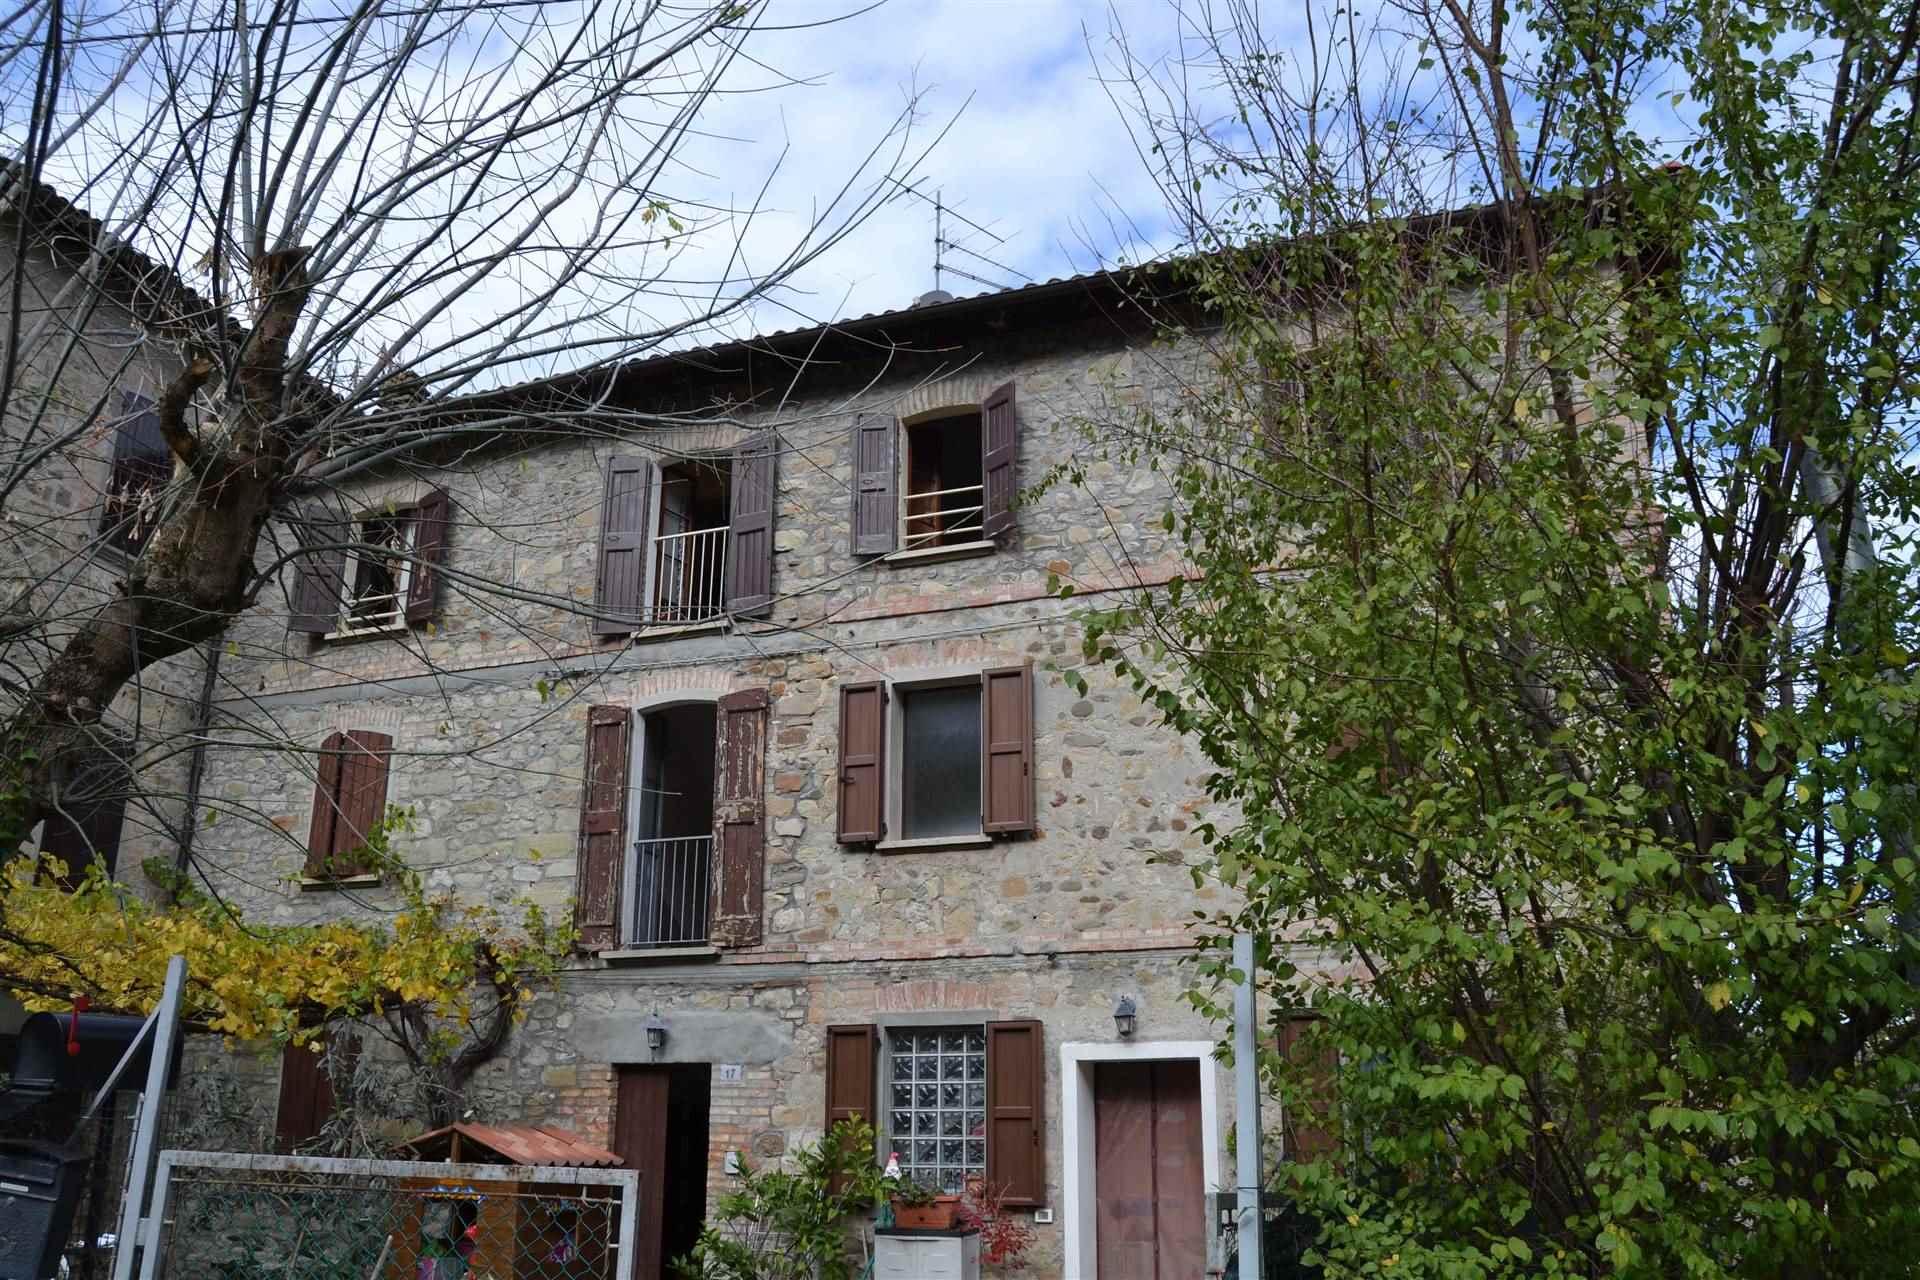 Appartamento in vendita a Marzabotto, 4 locali, zona Zona: Sperticano, prezzo € 65.000 | CambioCasa.it